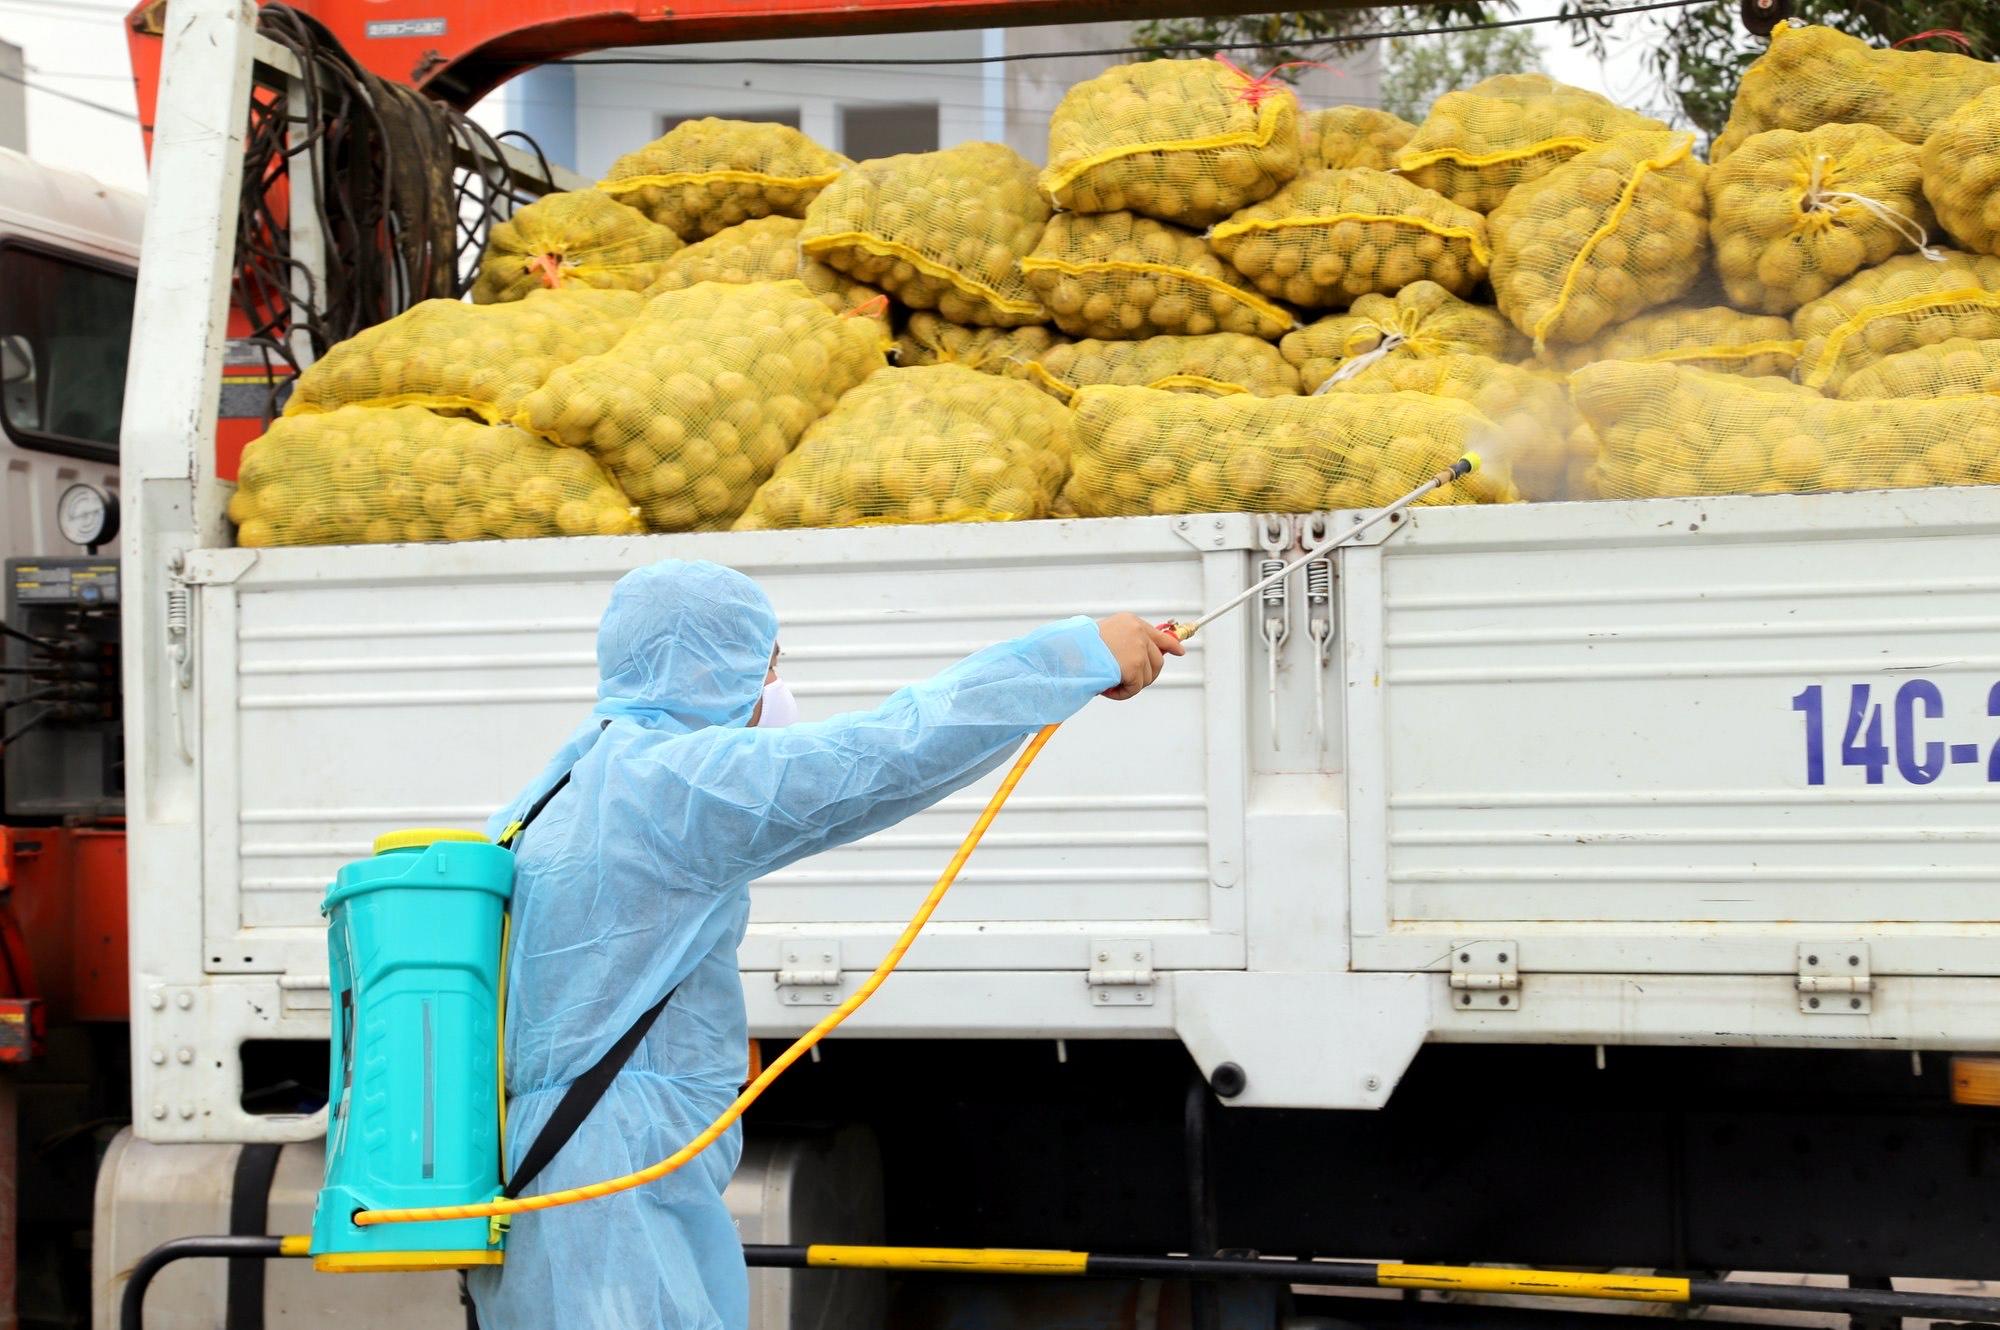 Nhân viên kiểm dịch khử khuẩn các chuyến hàng